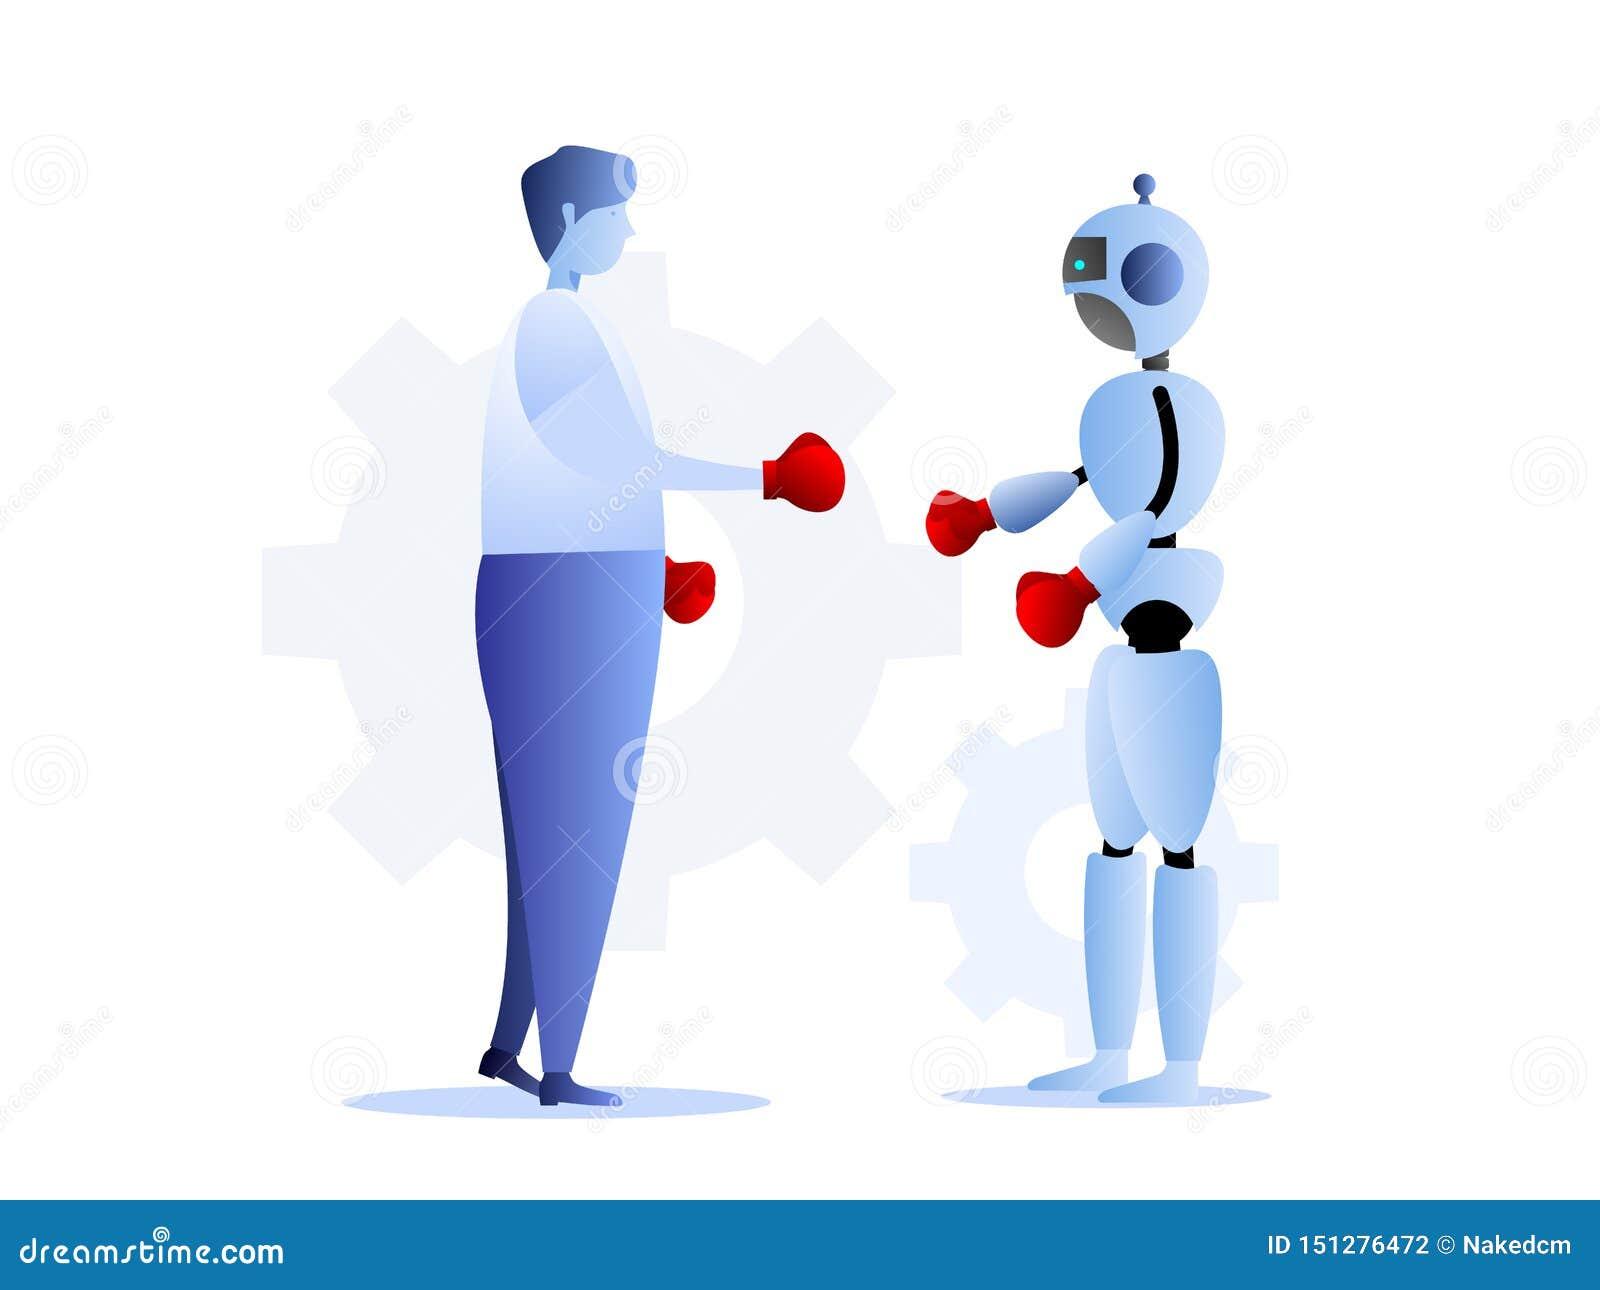 Άνθρωπος εναντίον της έννοιας επιχειρησιακής πρόκλησης ρομπότ